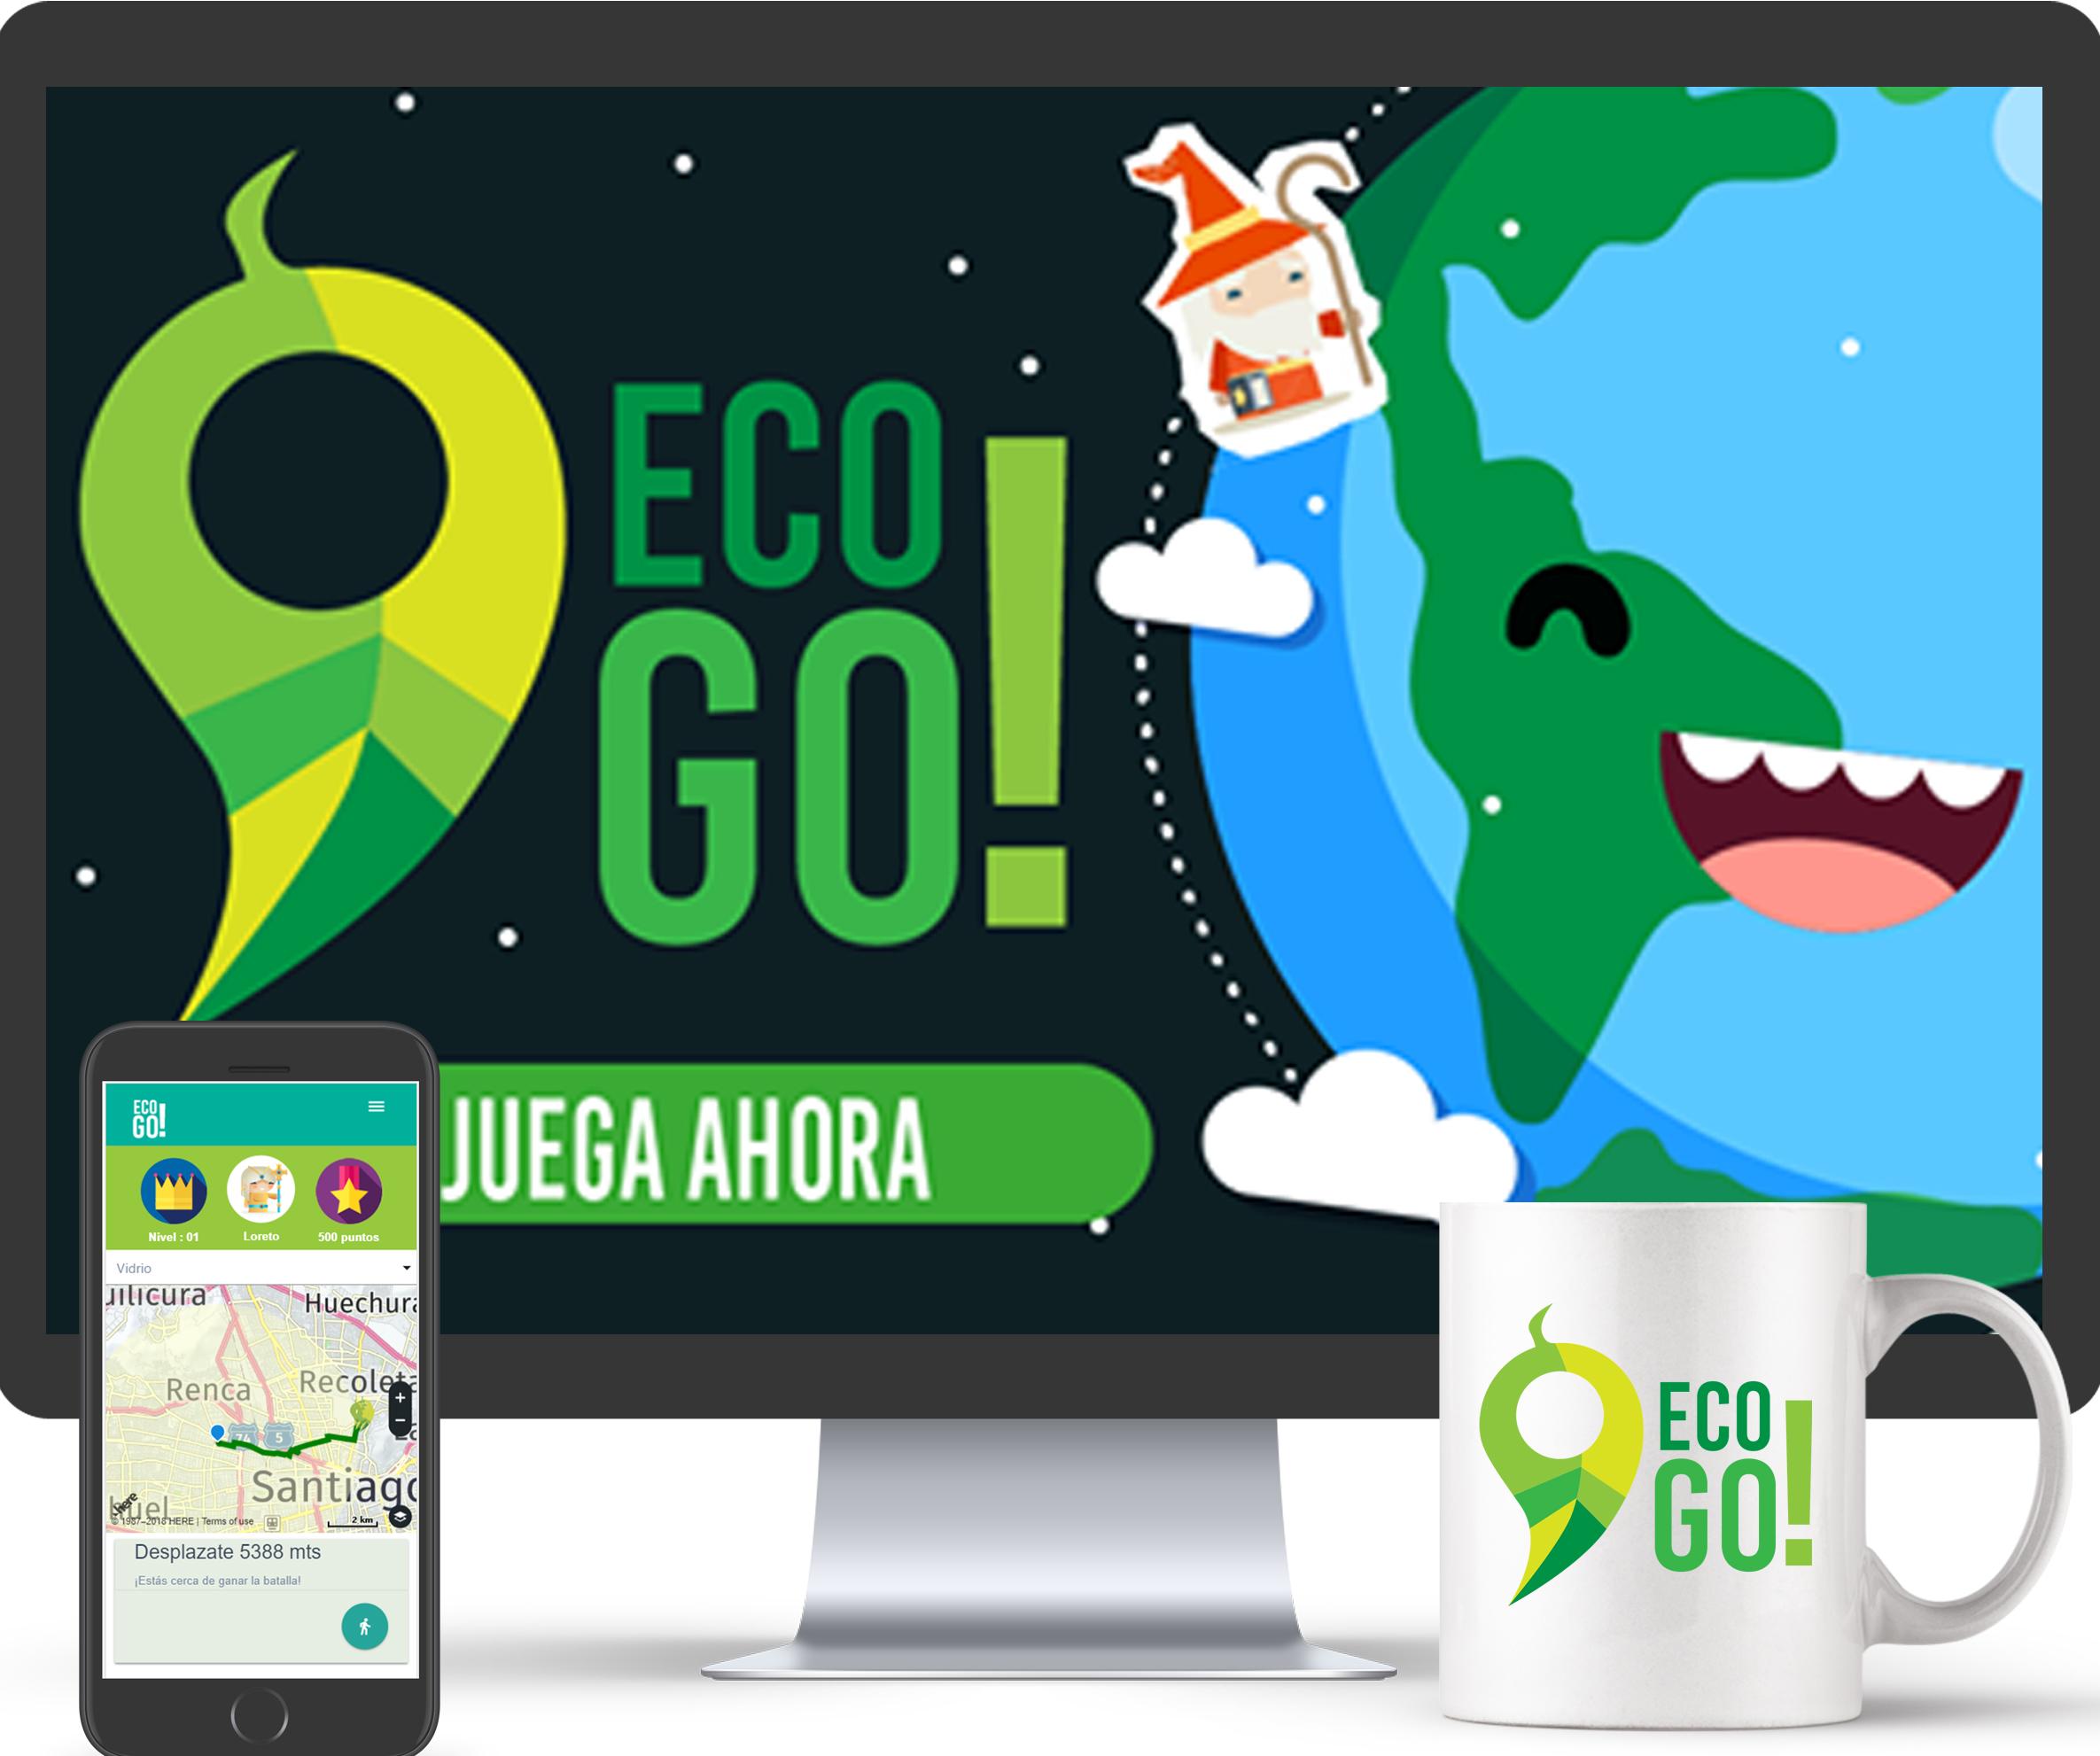 Eco Go!